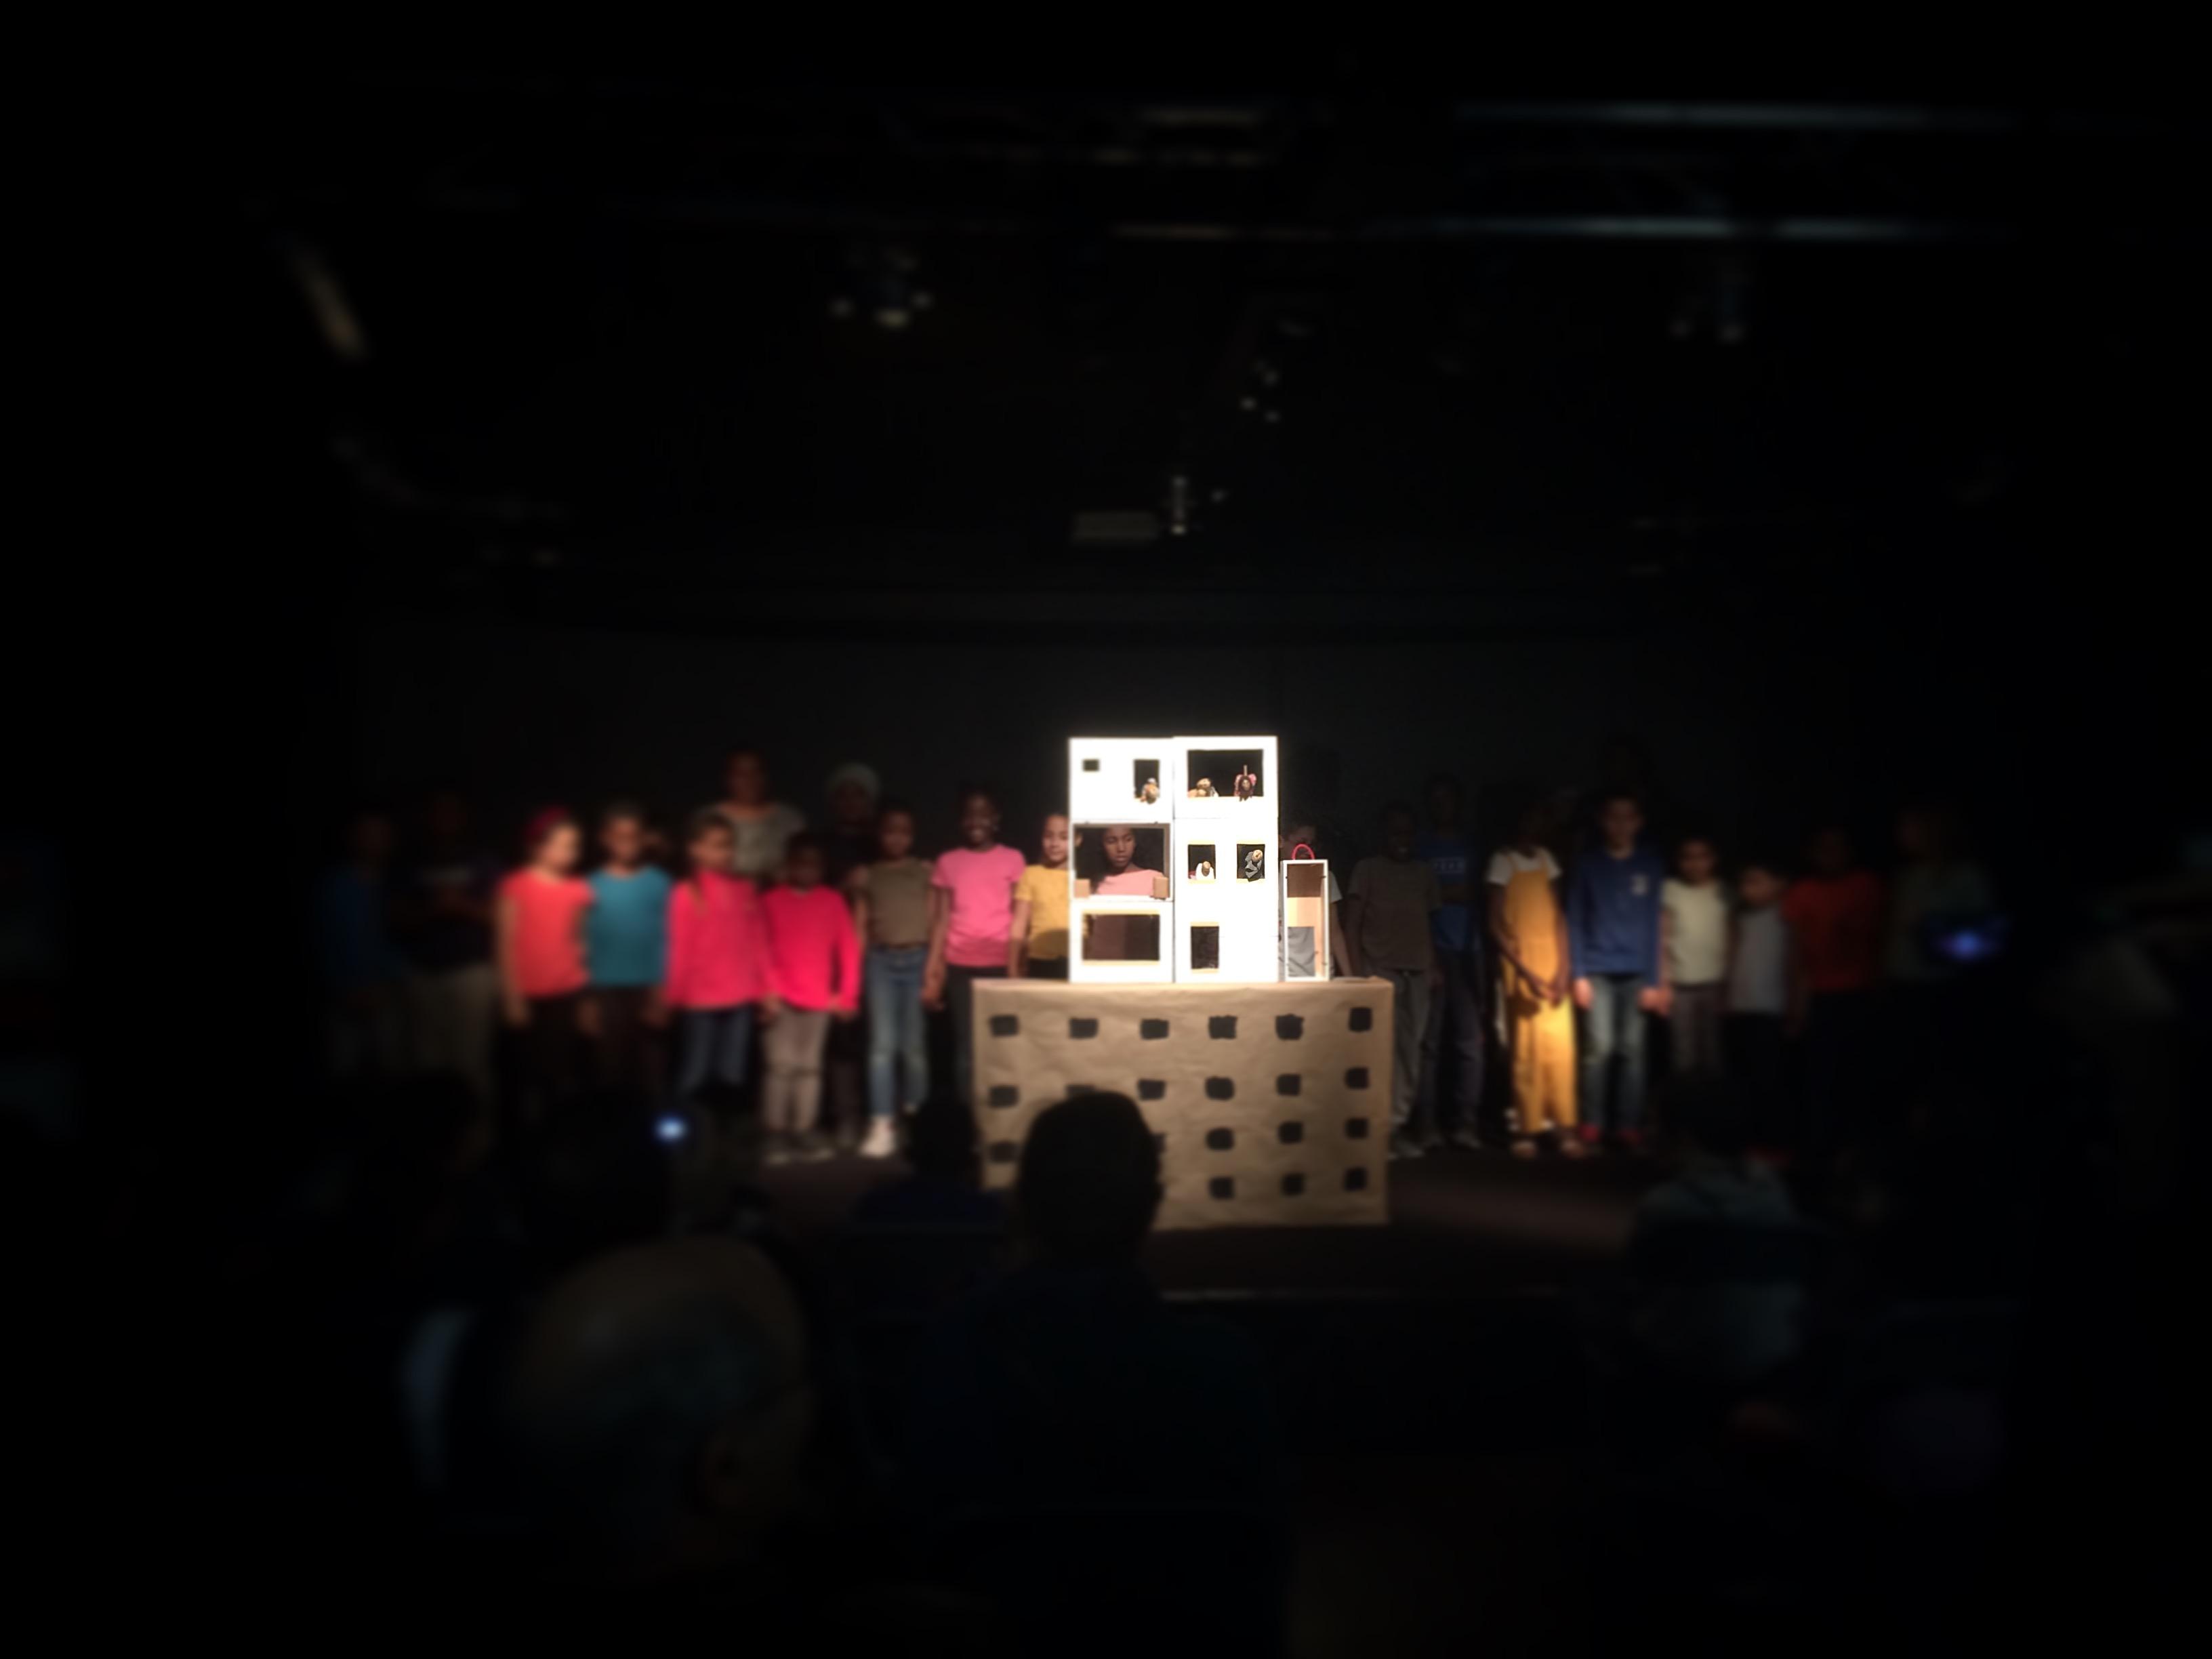 théâtre et témoignages enfants adultes ASL projet social et culturel théâtre compagnie atelier sur scène